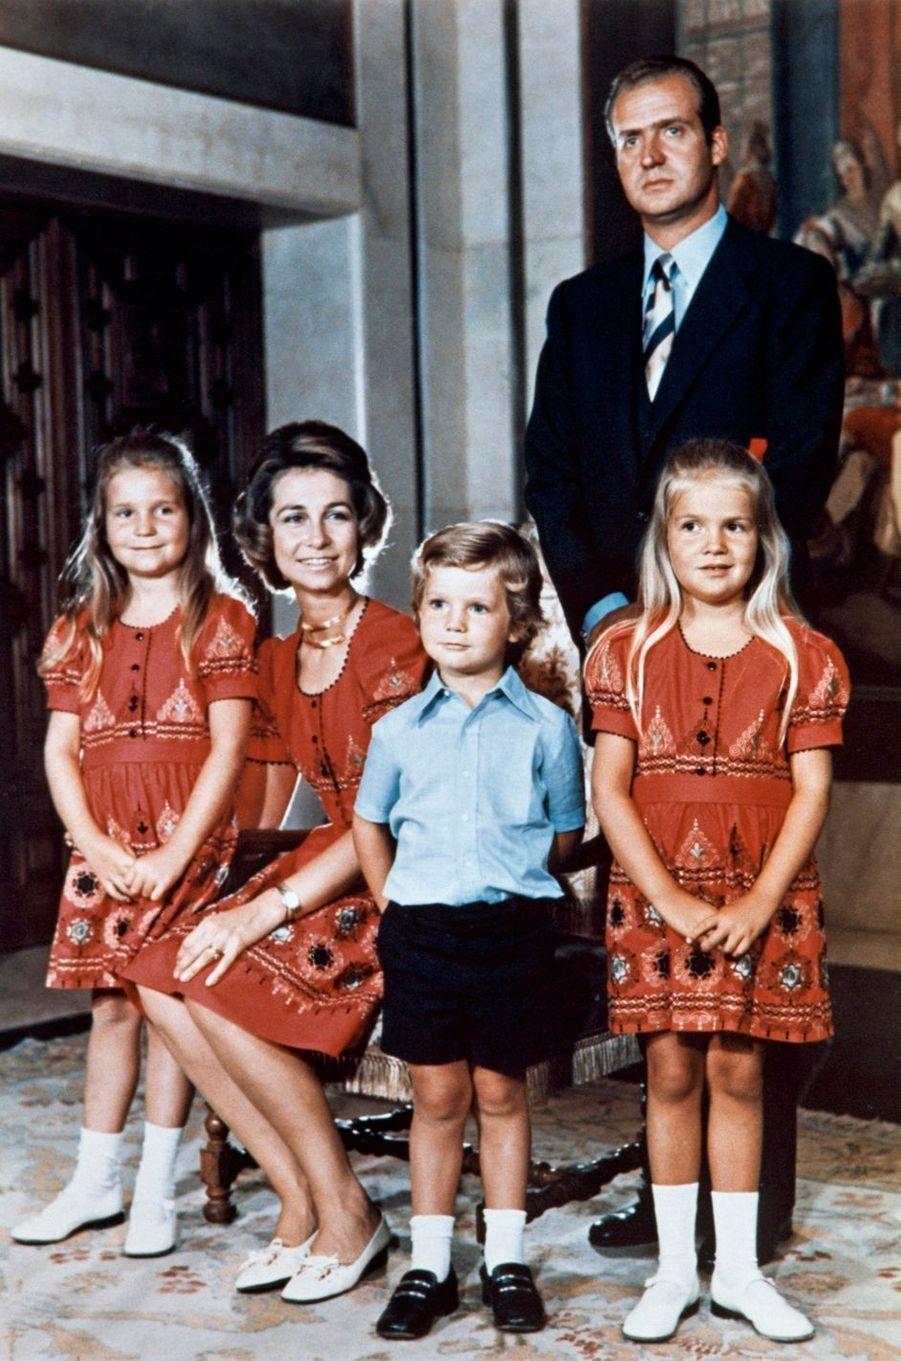 La princesse Sofia et le prince Juan Carlos d'Espagne avec leurs enfants, en octobre 1973